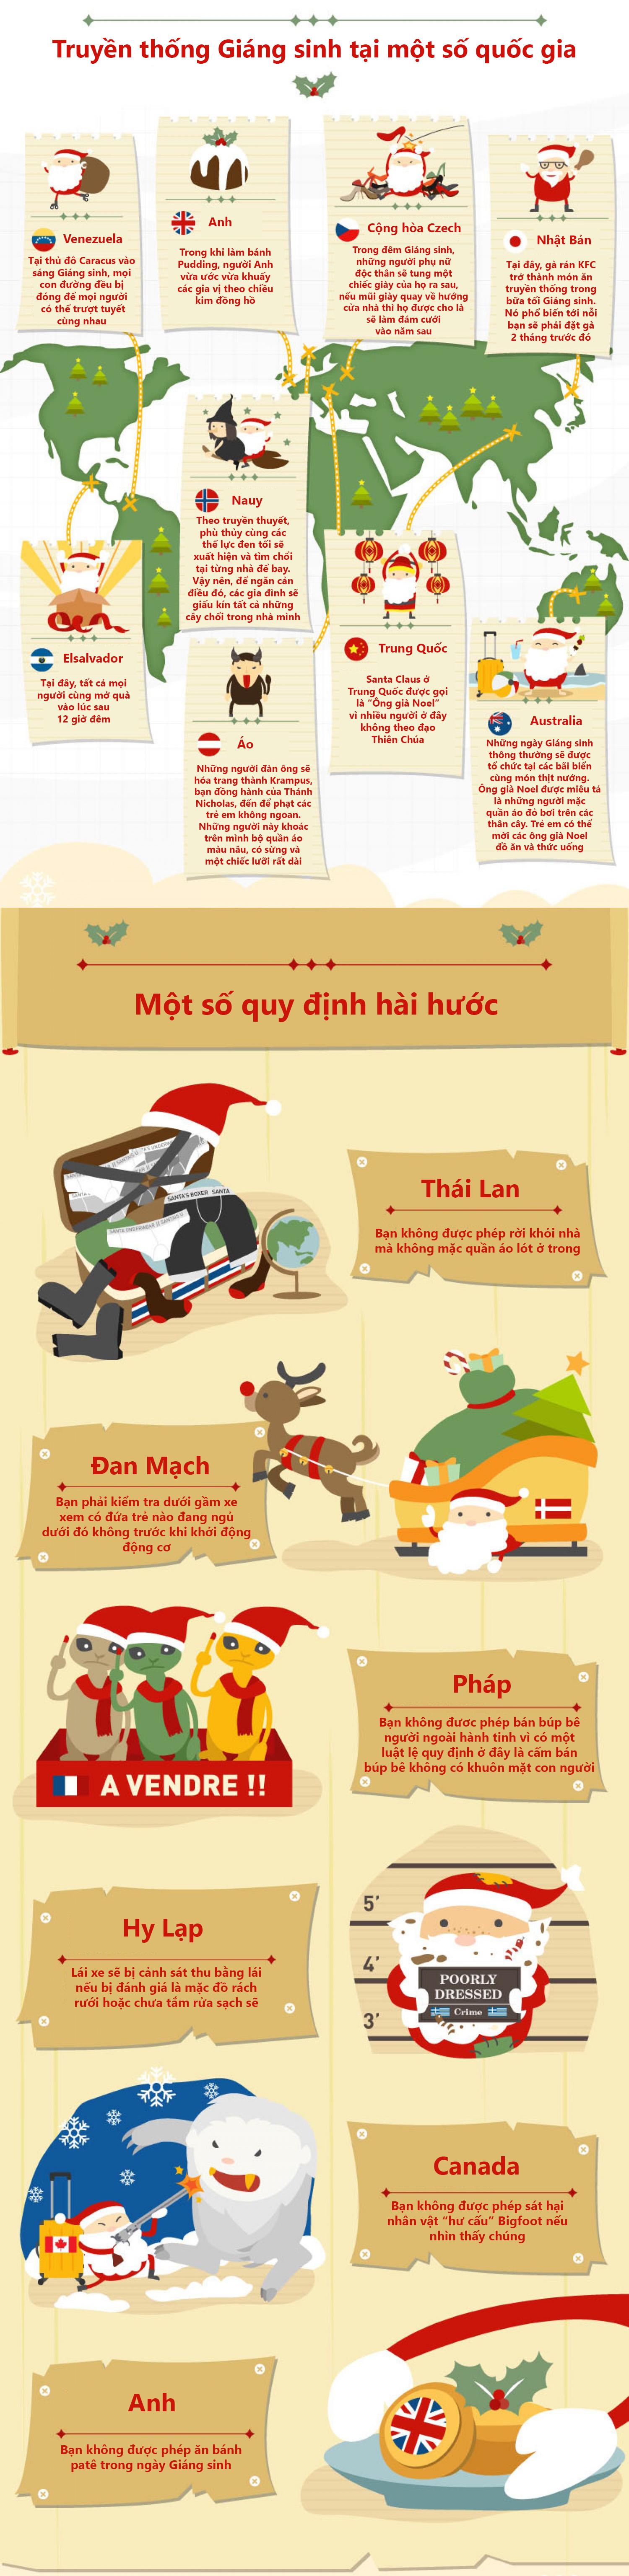 Những điều thú vị về Giáng sinh